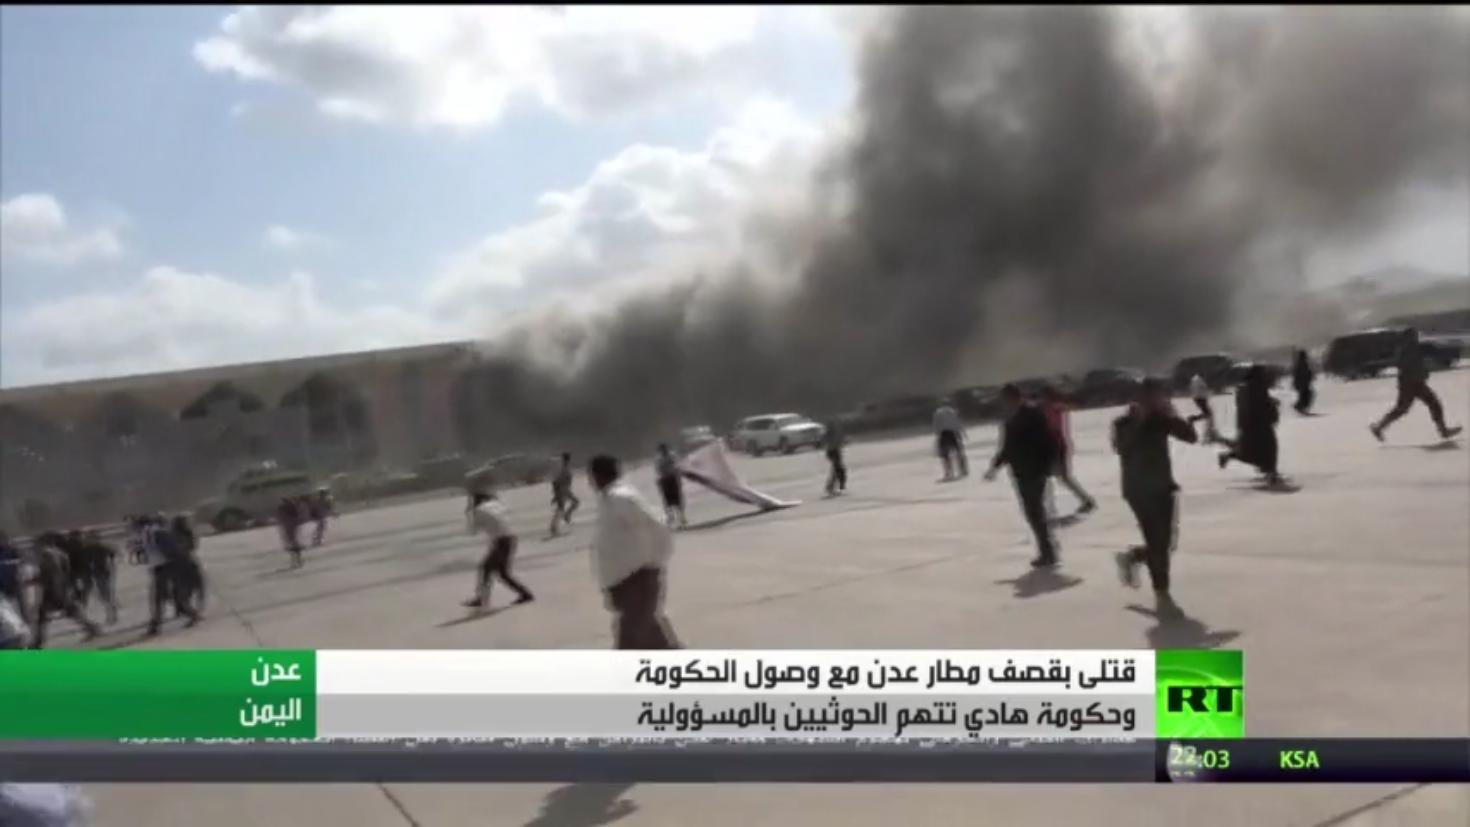 قتلى بقصف مطار عدن تزامنا مع وصول الحكومة